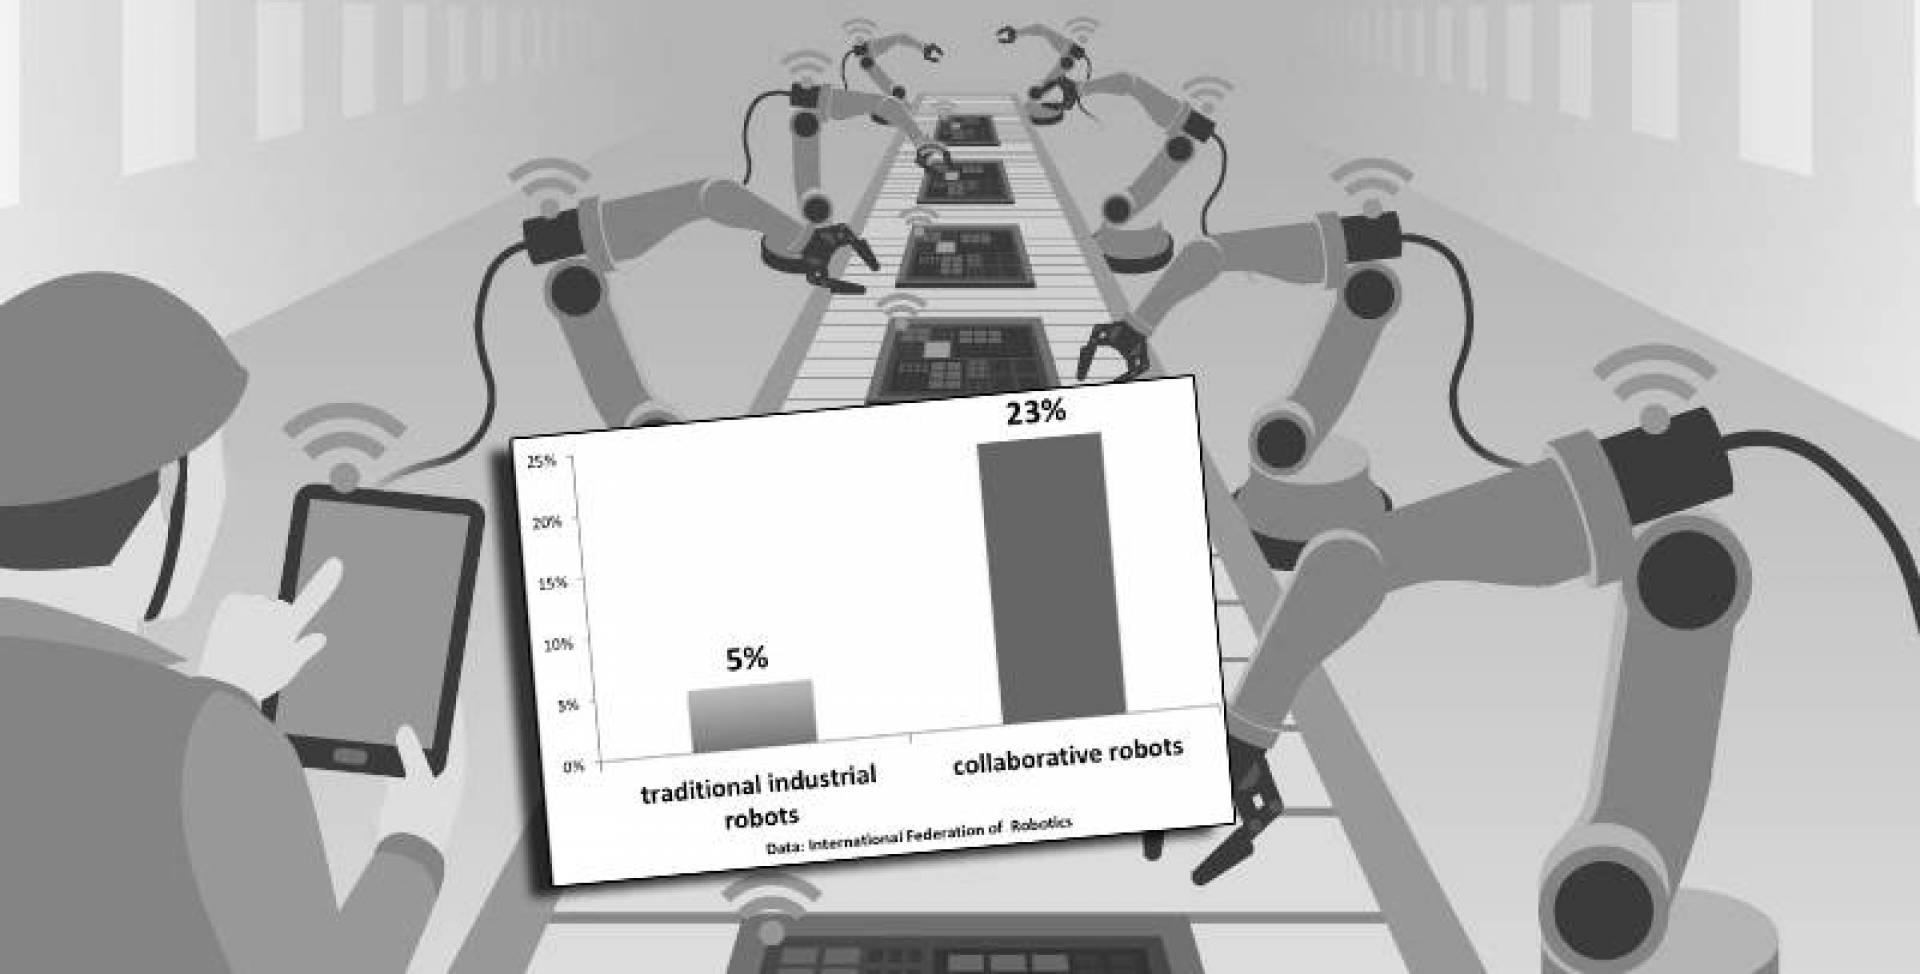 كيف استفادت شركة من الحرب التجارية.. لتزيد مبيعات الروبوتات؟